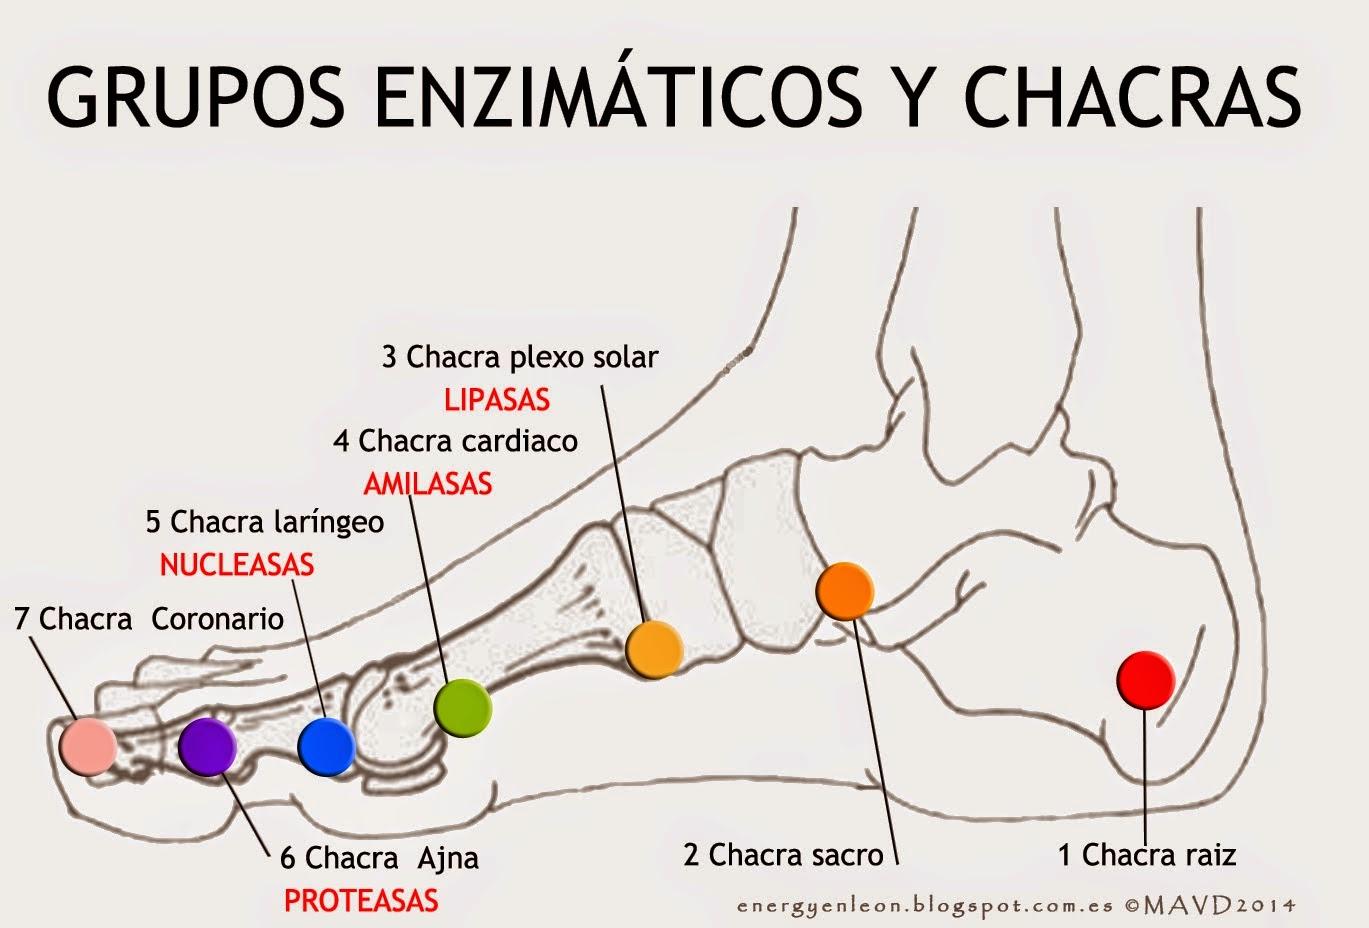 ASTURIAS-INFOCOSMETICA: CHACRAS DE .LOS PIES